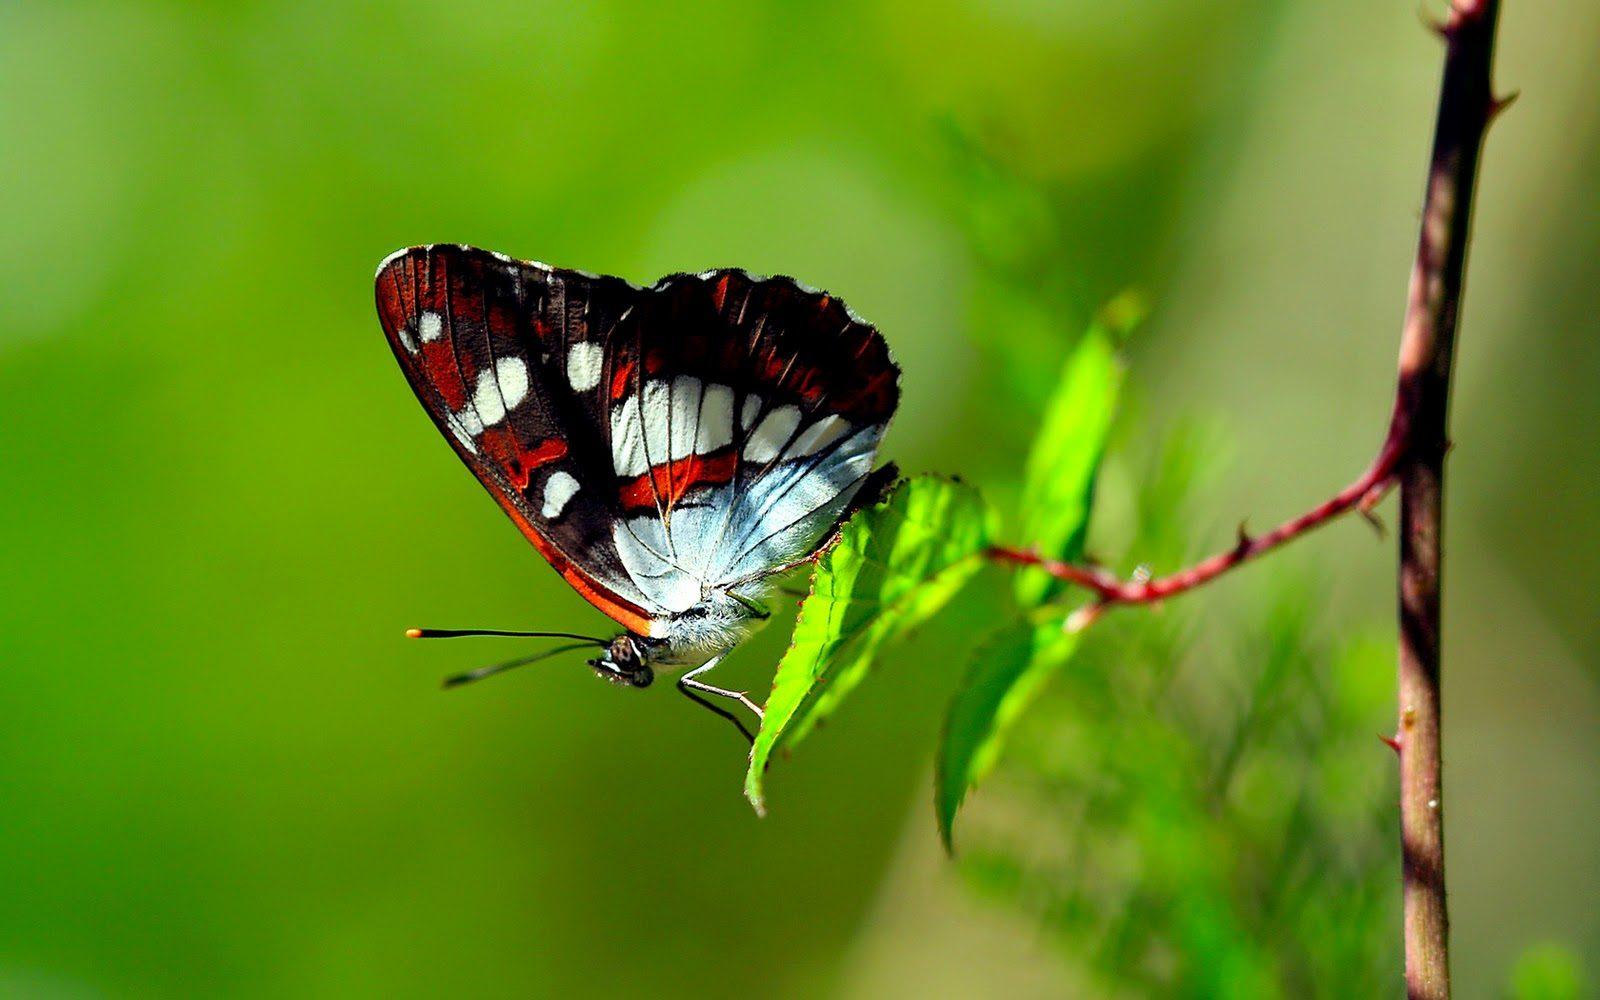 Mariposas: guías de especies, imágenes y recursos.